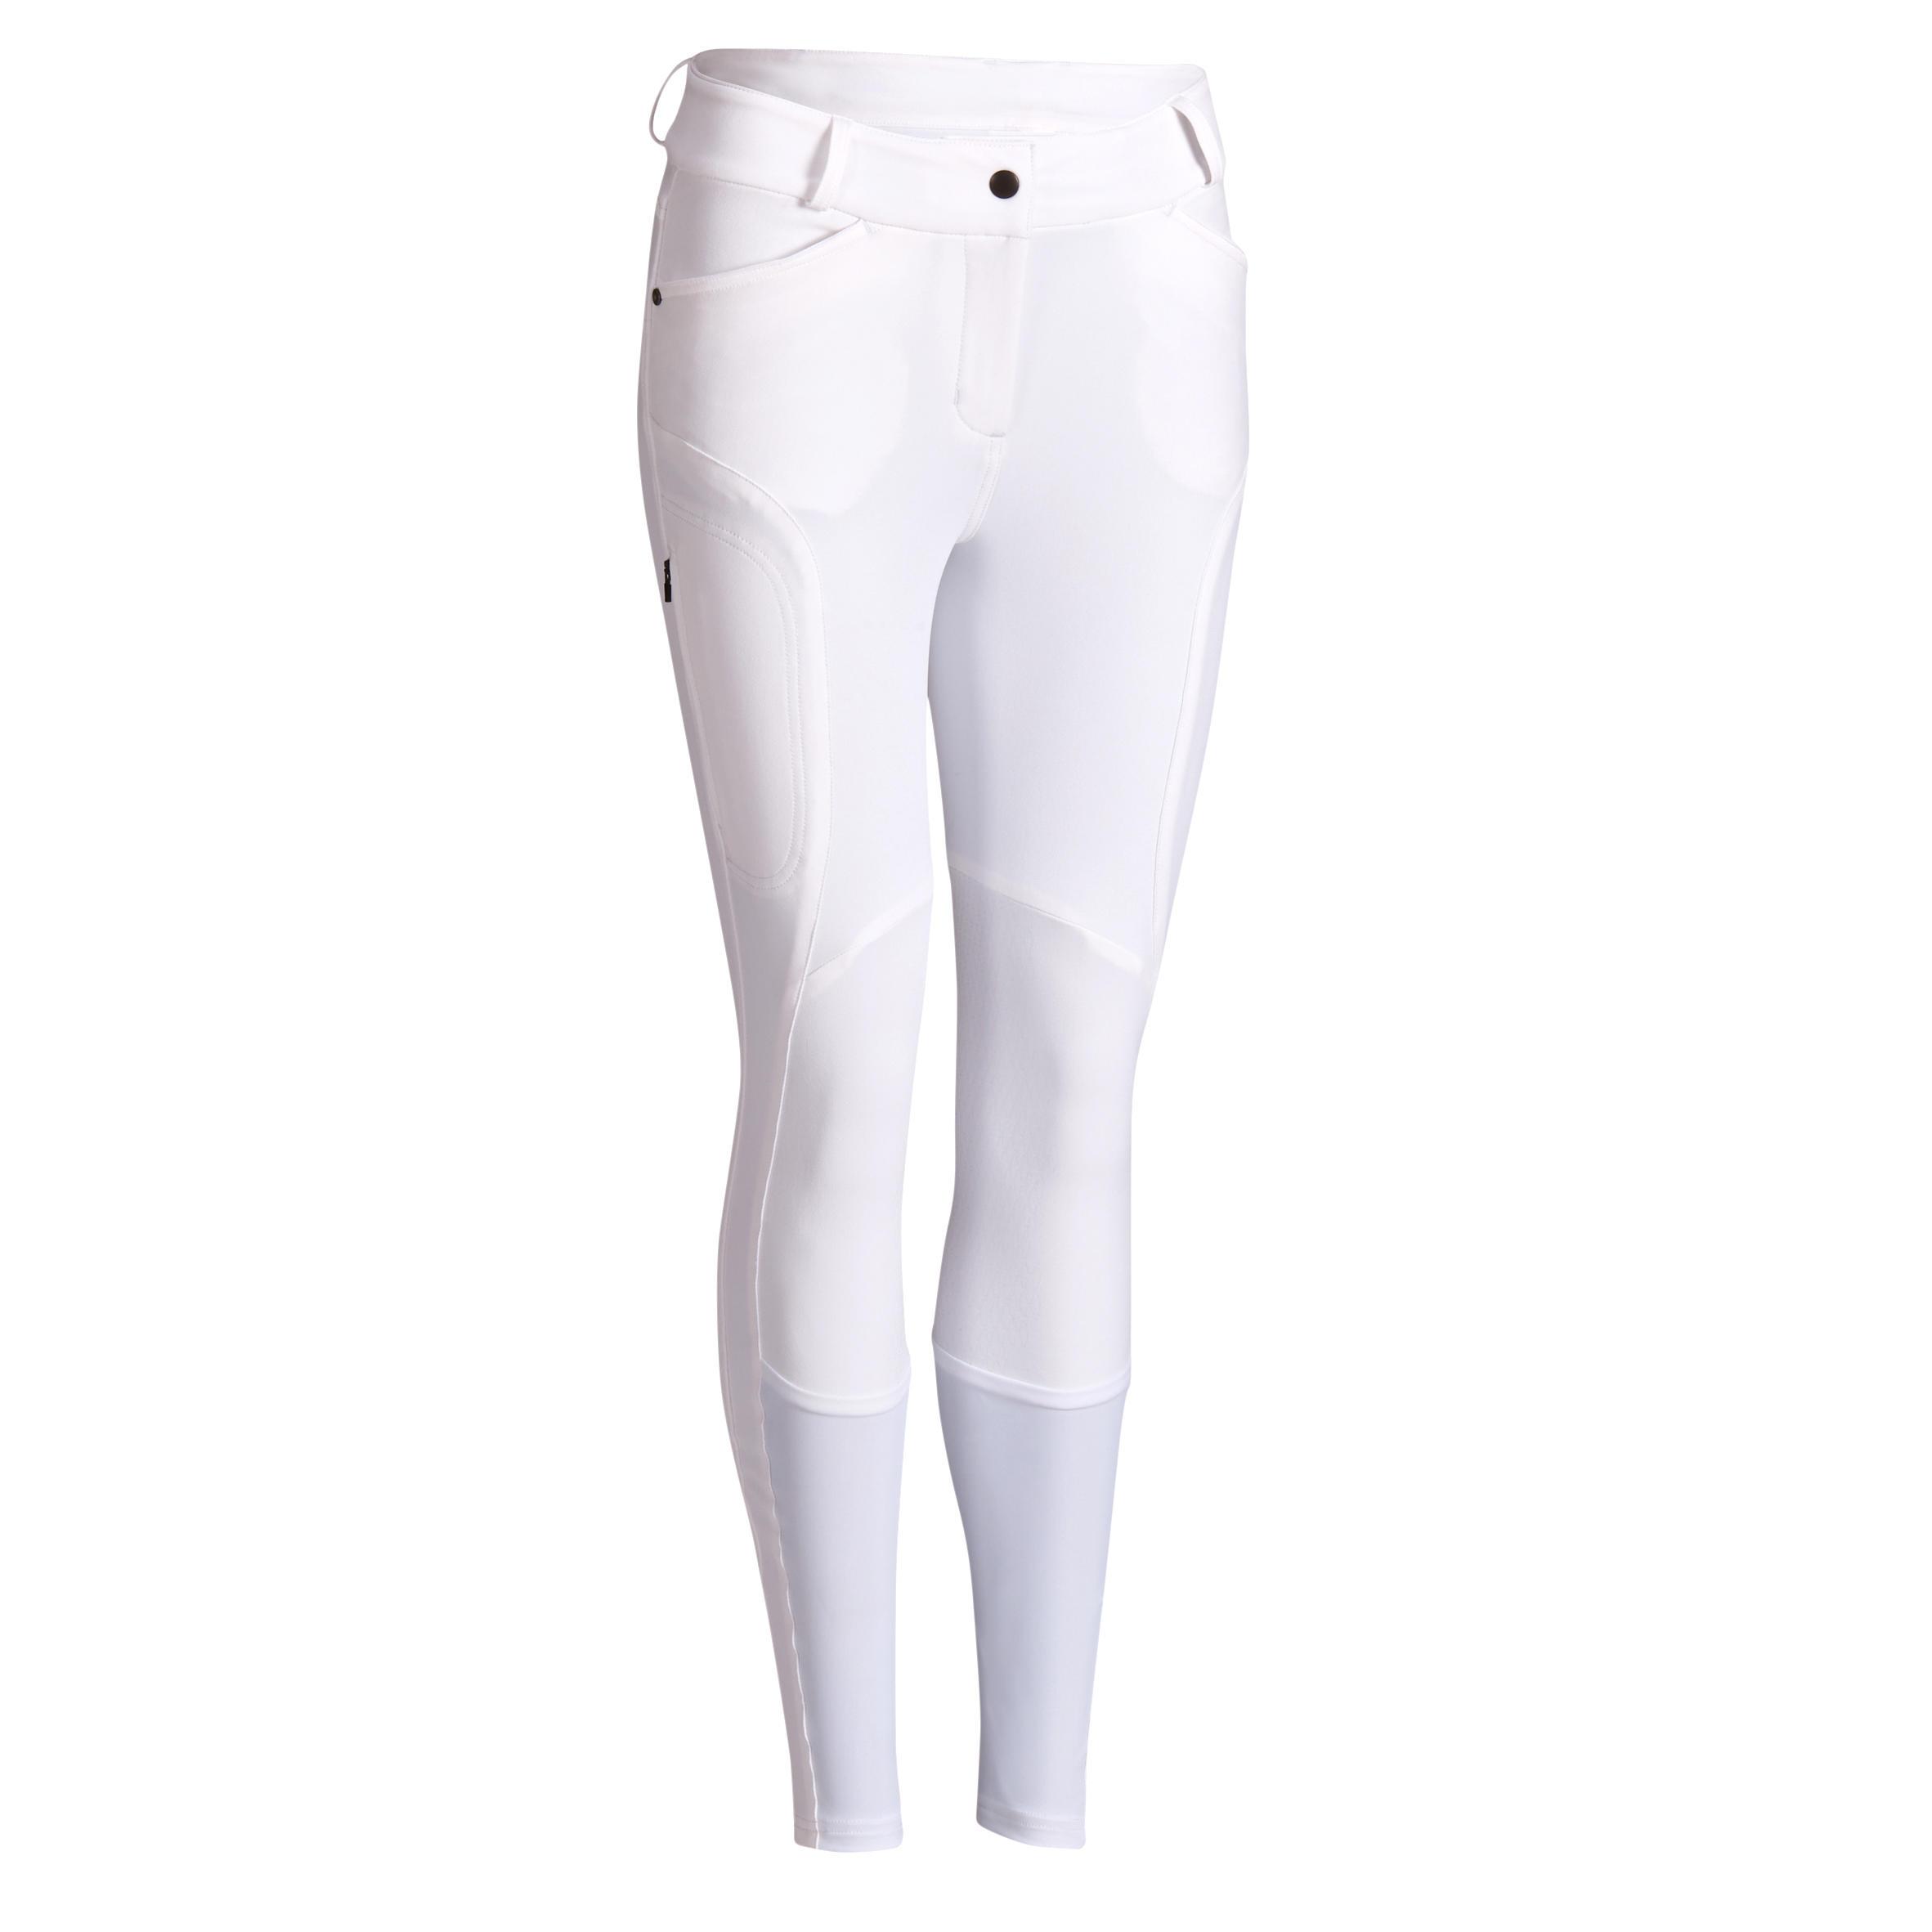 Pantalon echitație 560 Damă